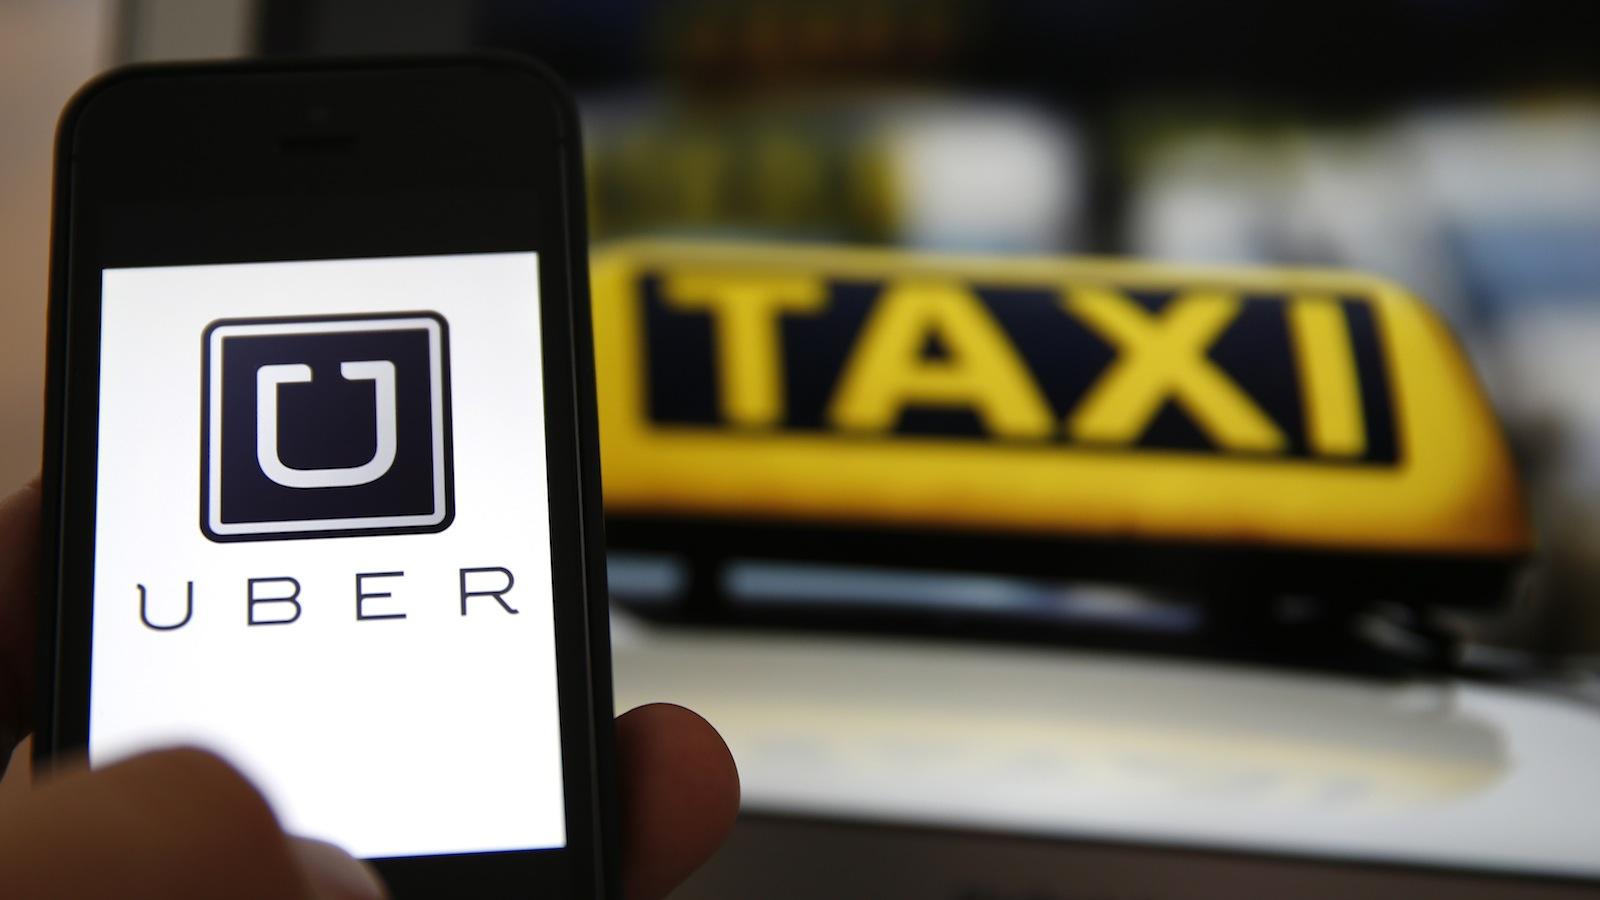 Uber-Free Rides-Cab